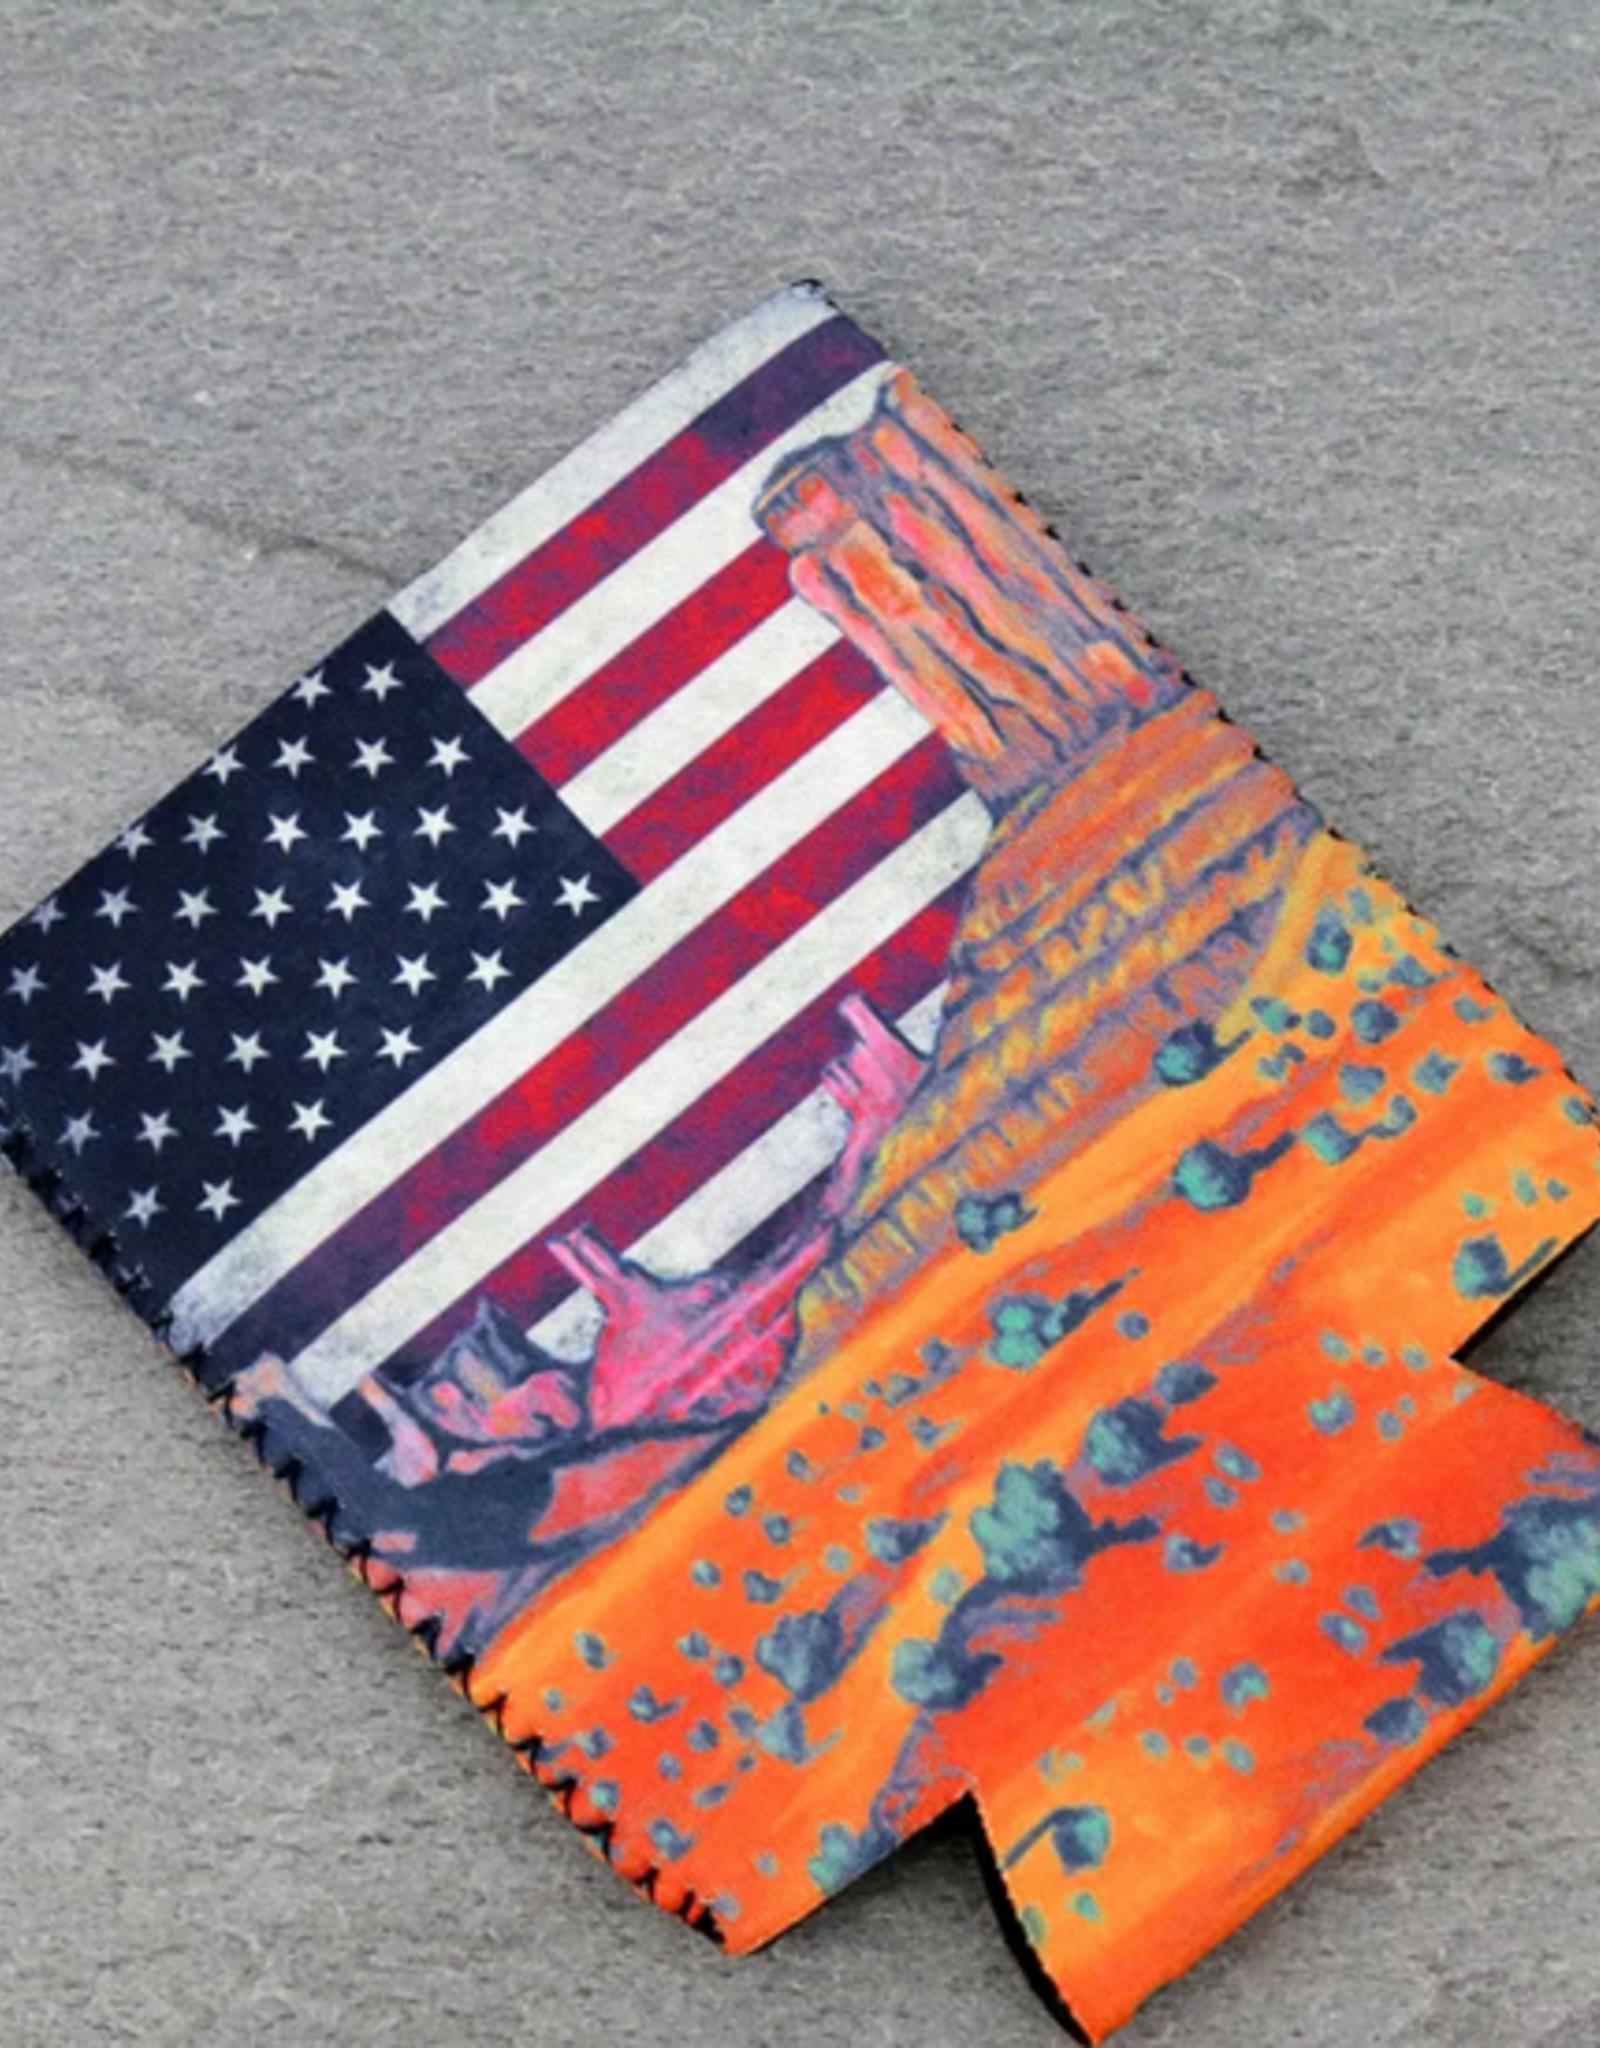 DRINK SLEEVE KOOZIE AMERICAN FLAG SOUTHWEST LANDSCAPE